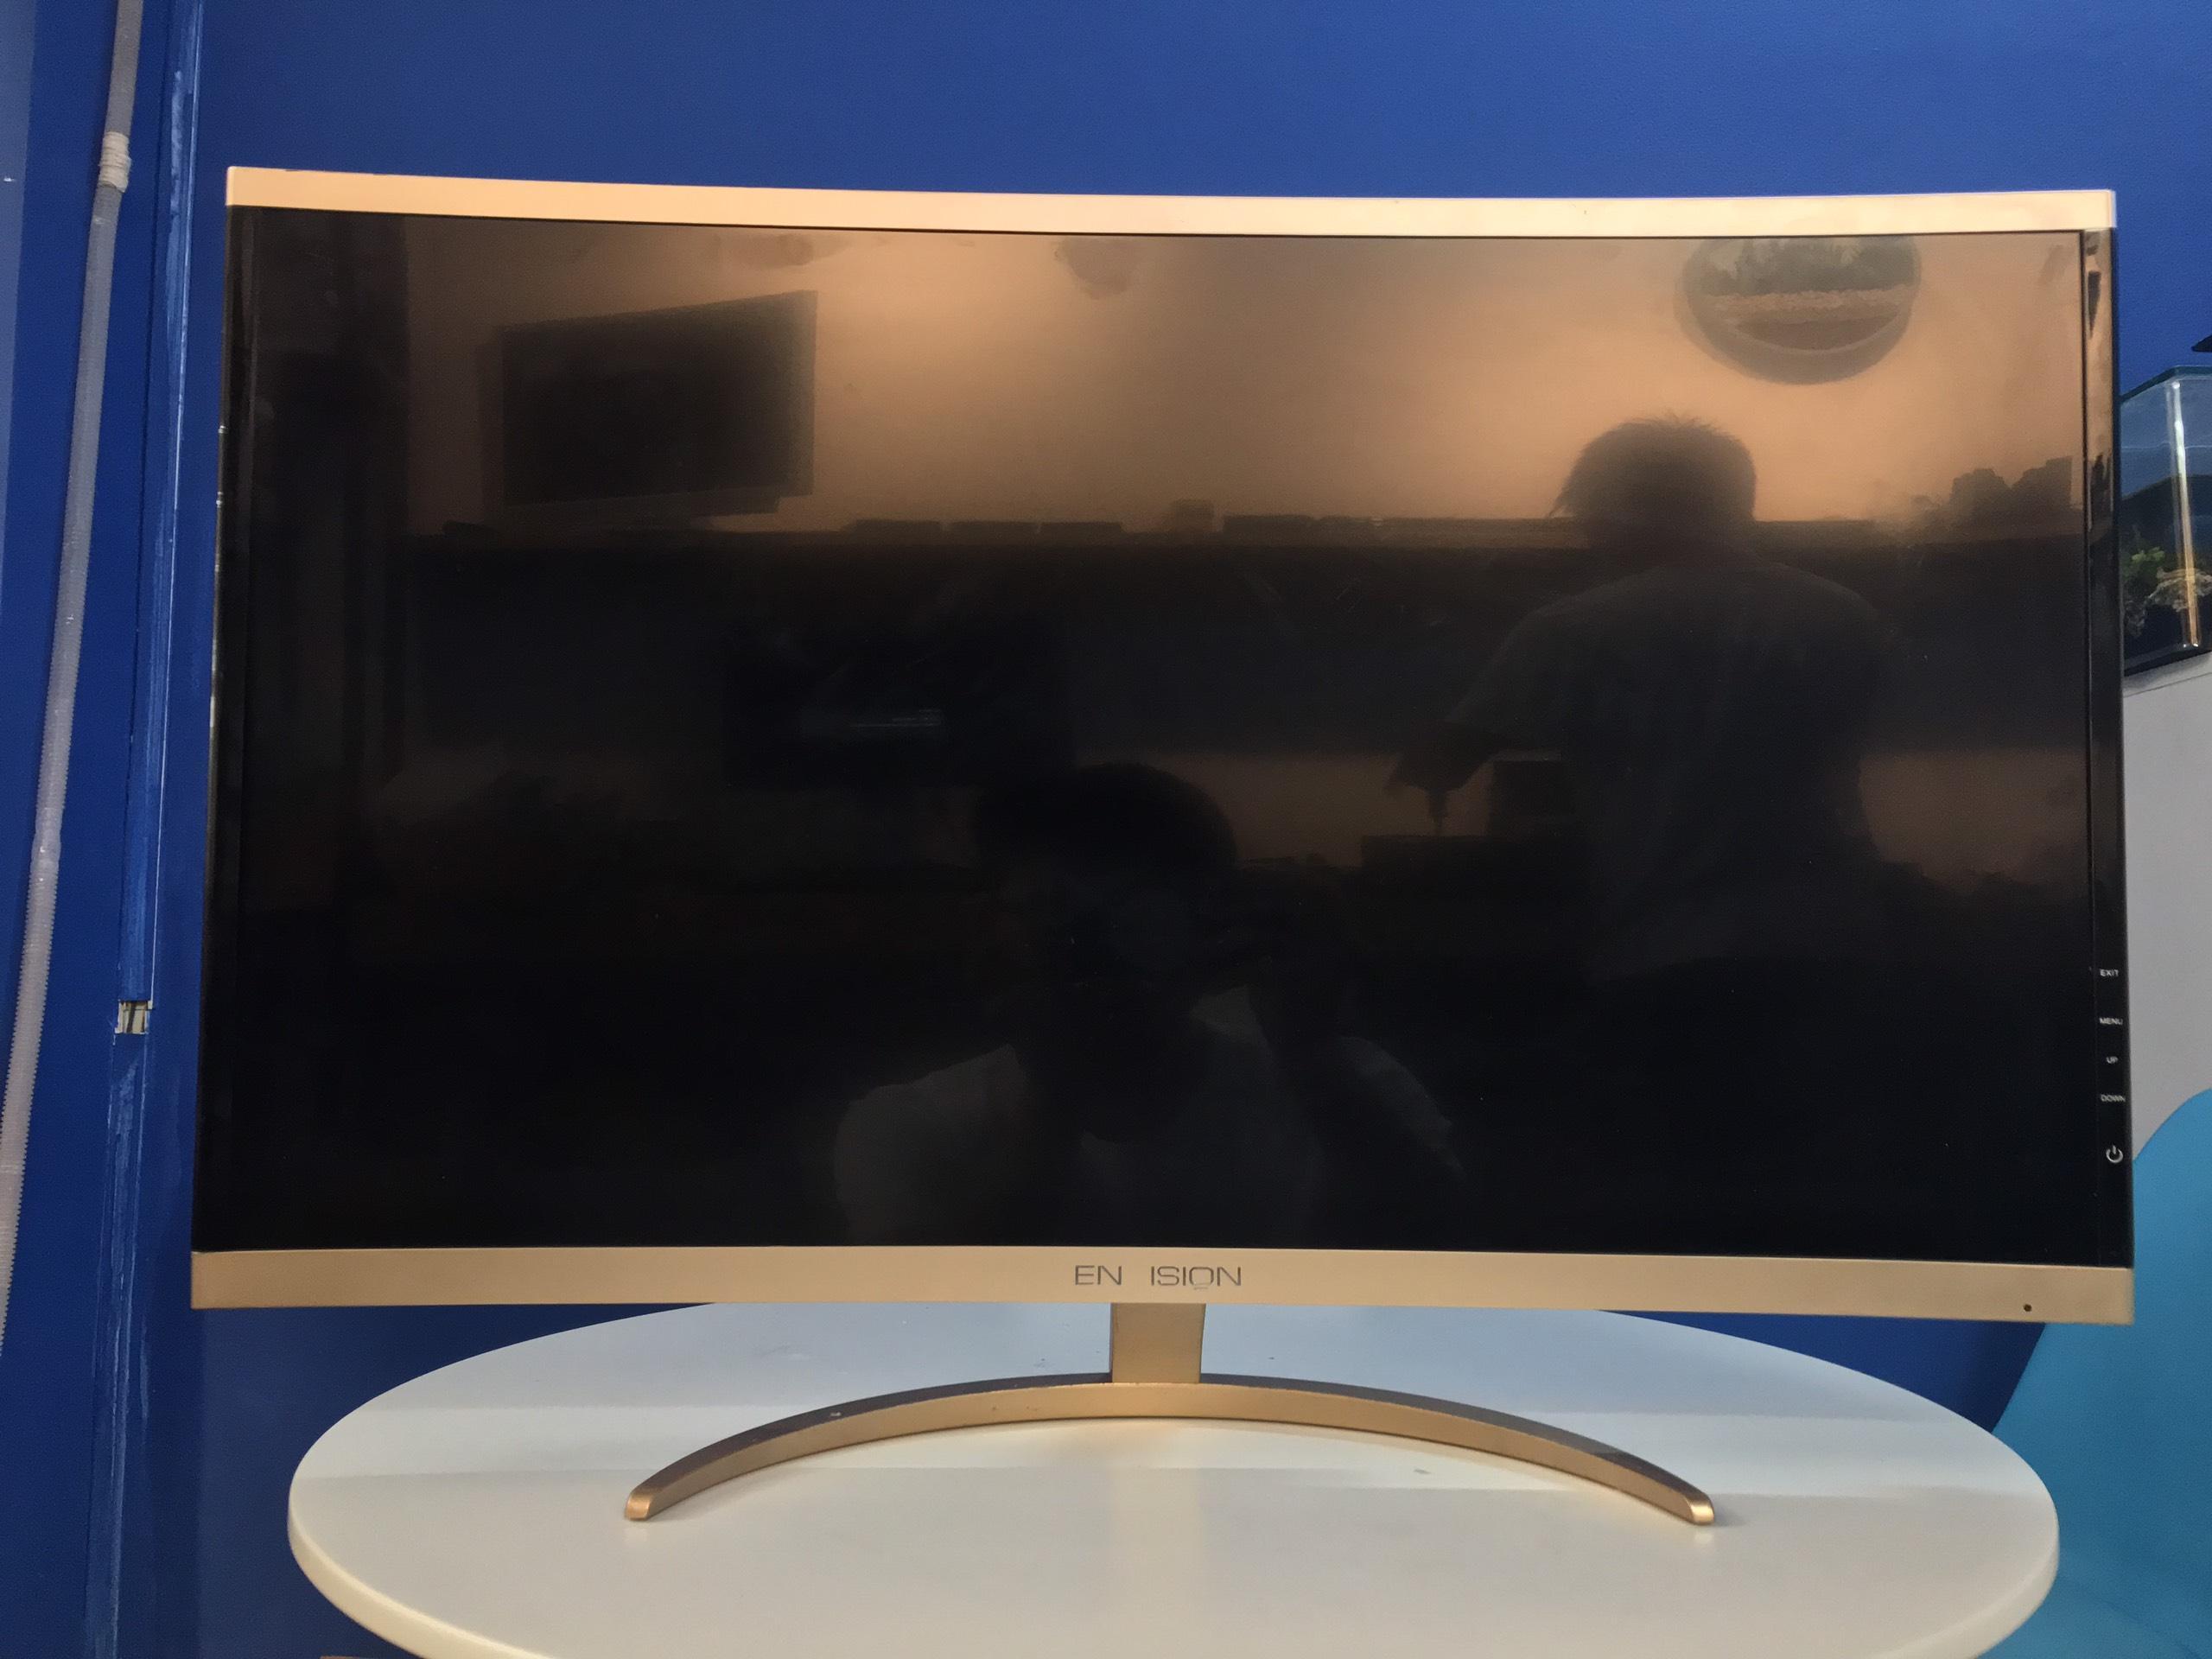 Giá Màn Hình EnVision 32in 2k Cong